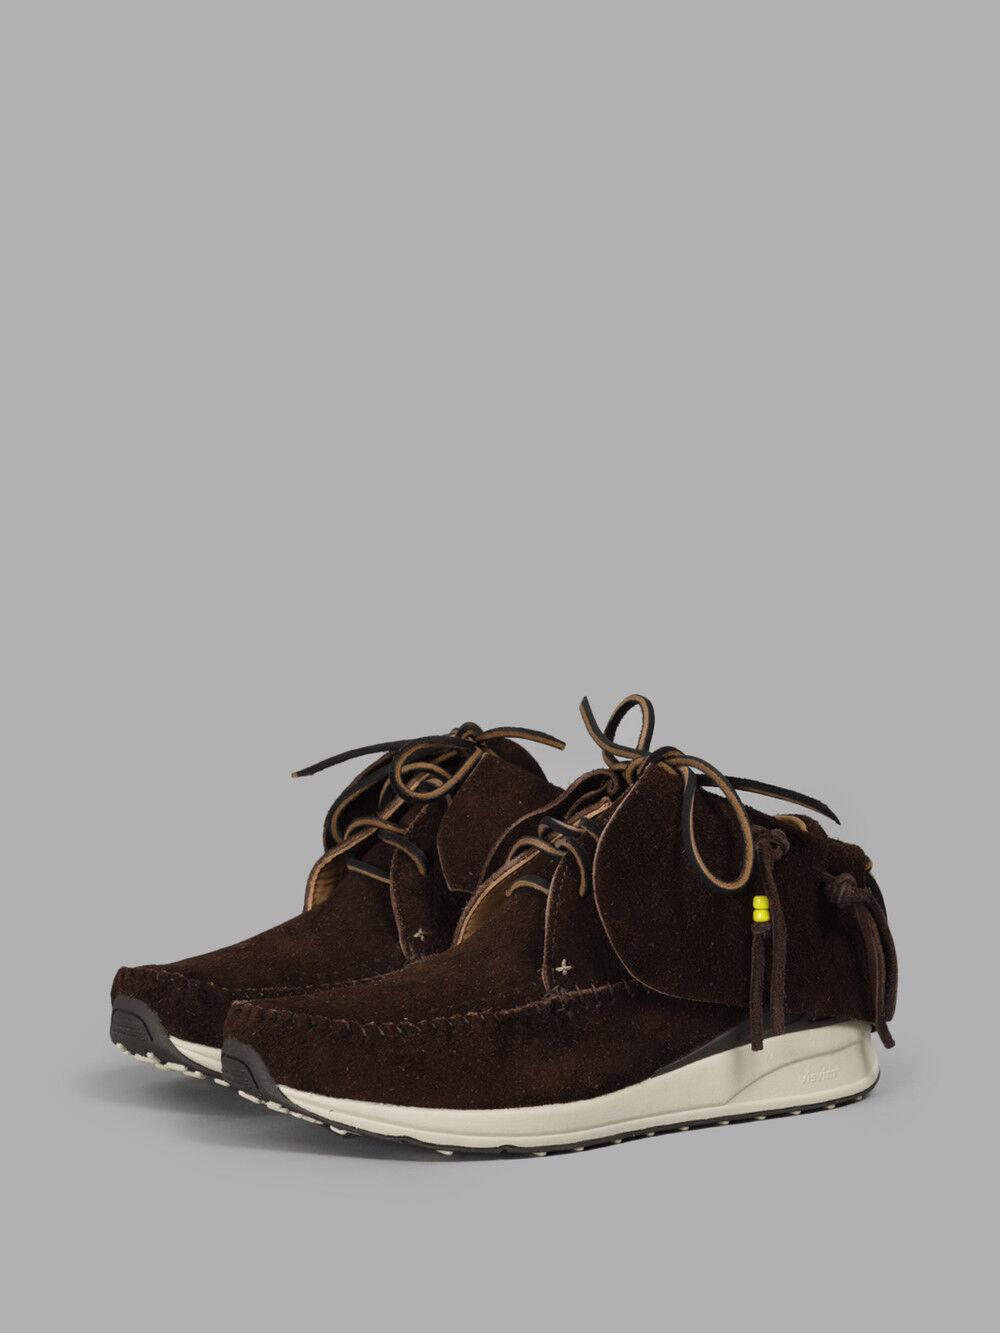 Visvim FBT Dark Brown Lhamo-Folk Suede Moccasin Moccasin Moccasin  Kanye Size 9 504811908 0267f4